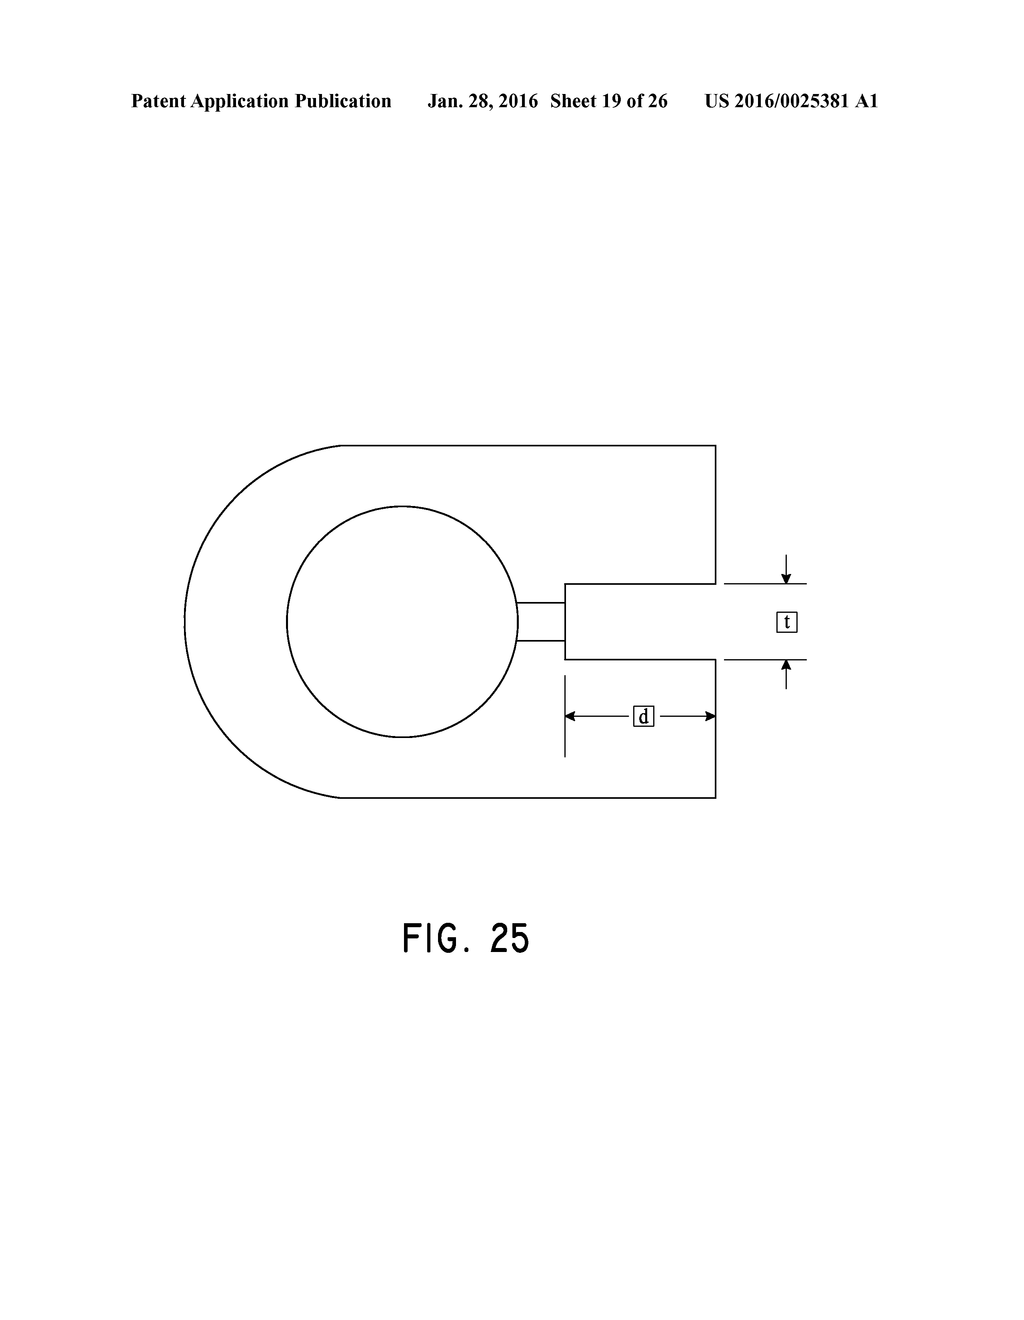 20160025381_20 translucent plastic solar thermal collector diagram, schematic